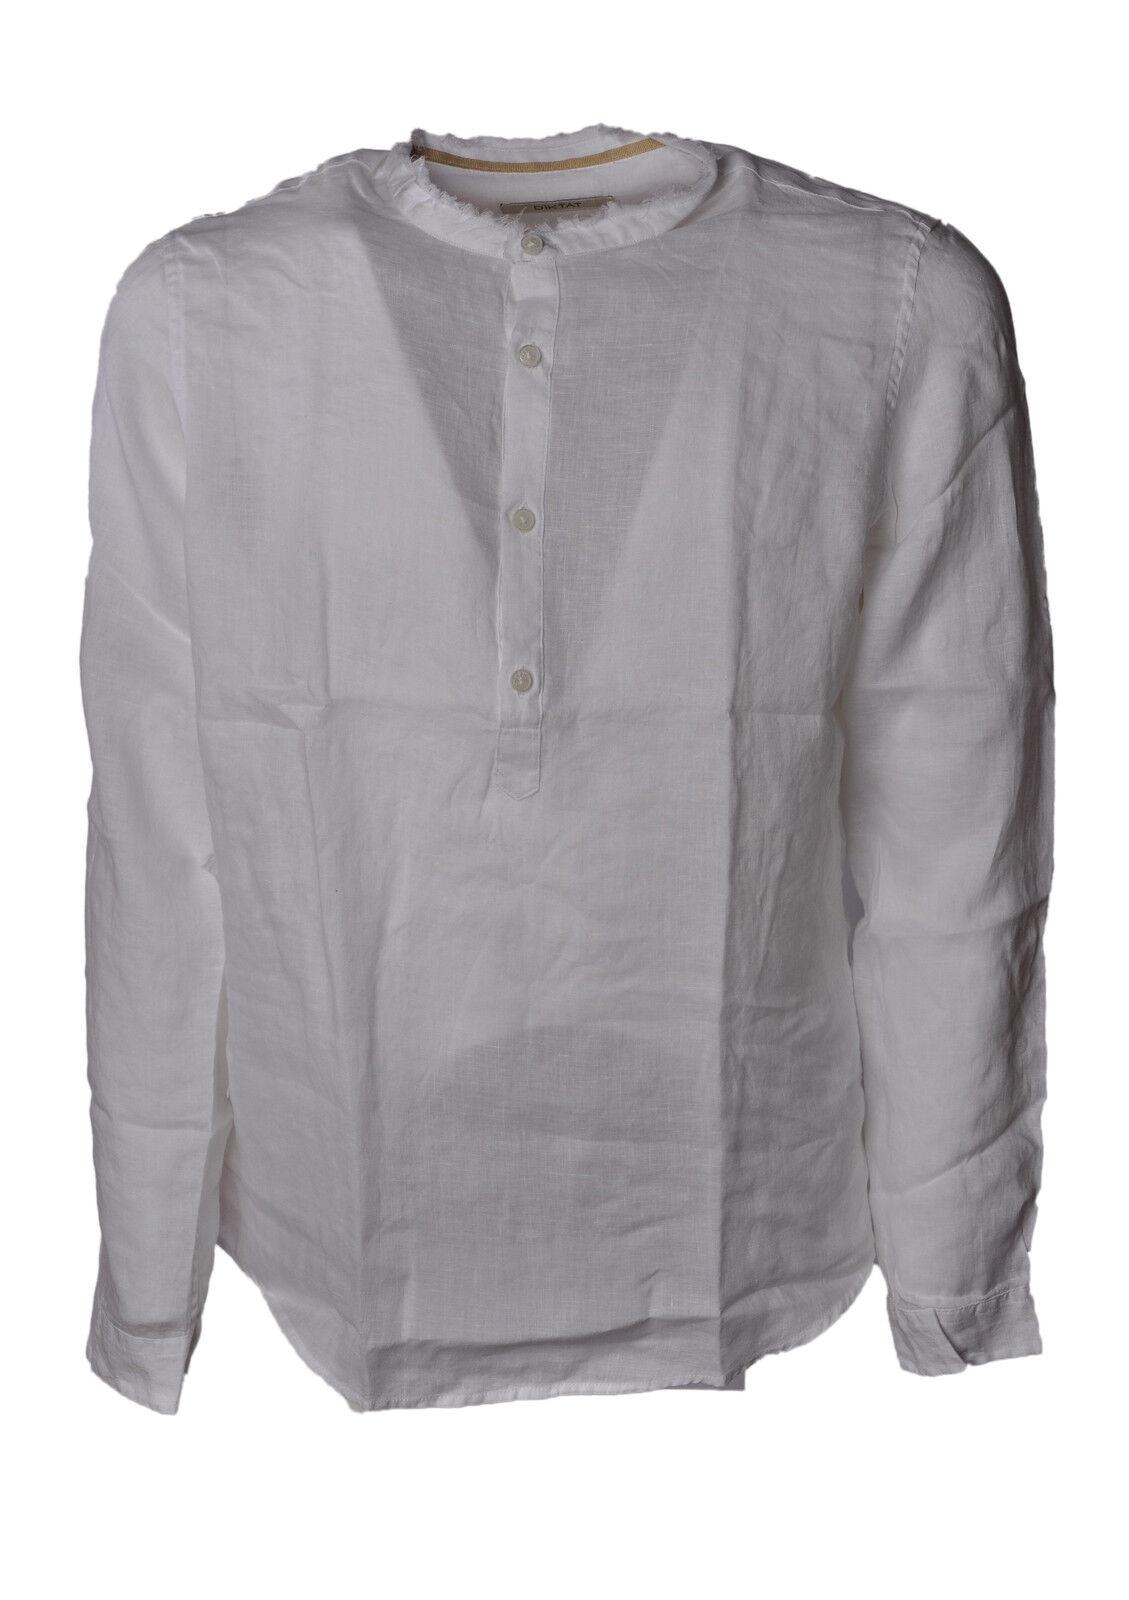 Diktat - Hemden - - Männchen - - Weiß - 3314119A185724 b55fdb ... e885eeec23